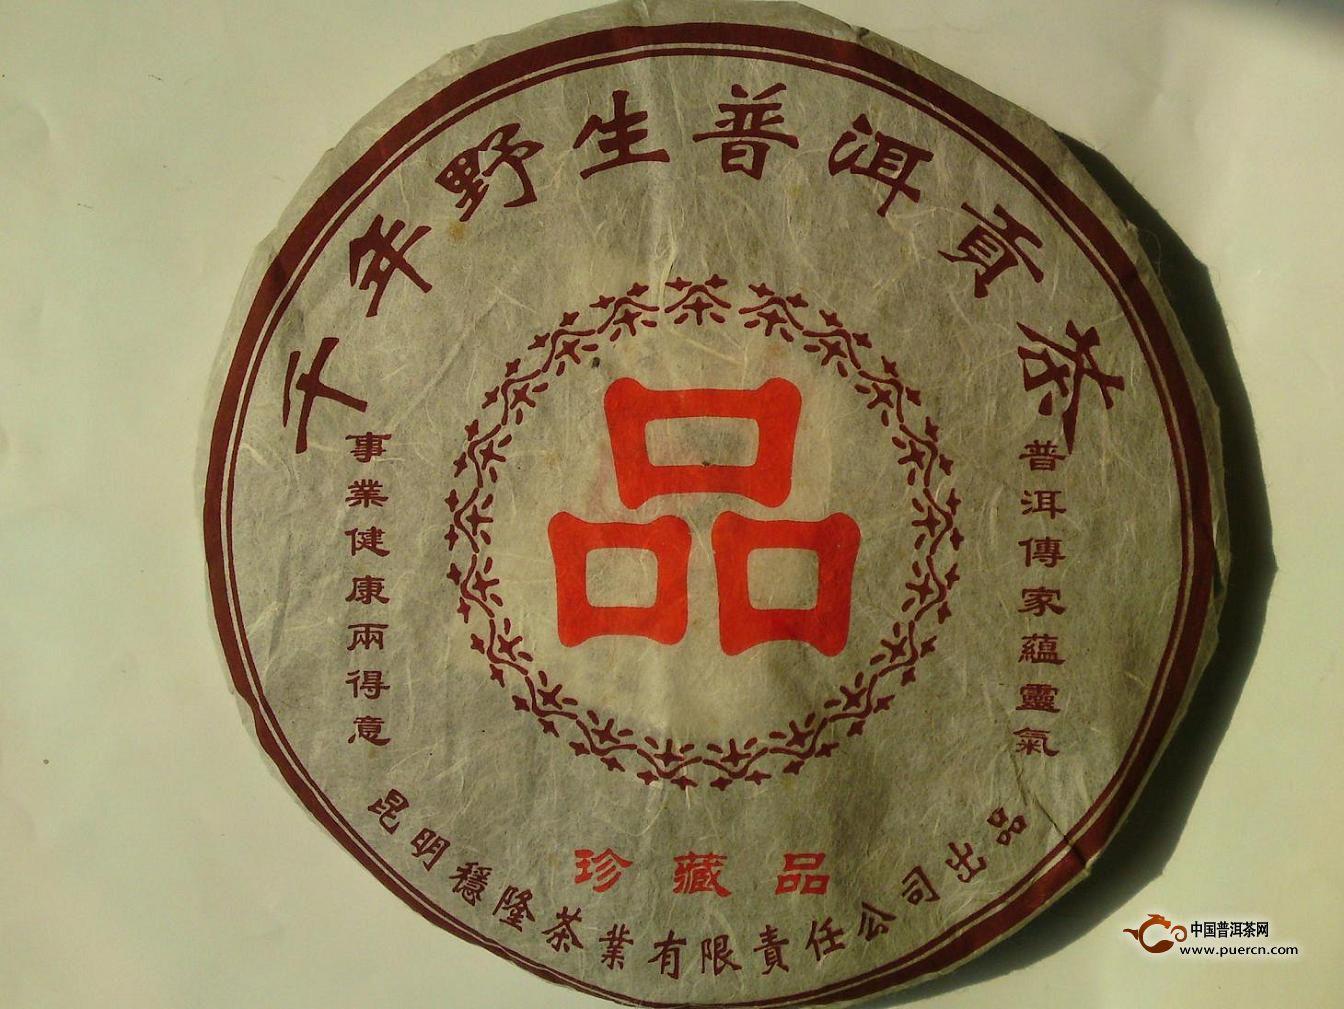 至尊普洱:普洱贡茶的制度(三)